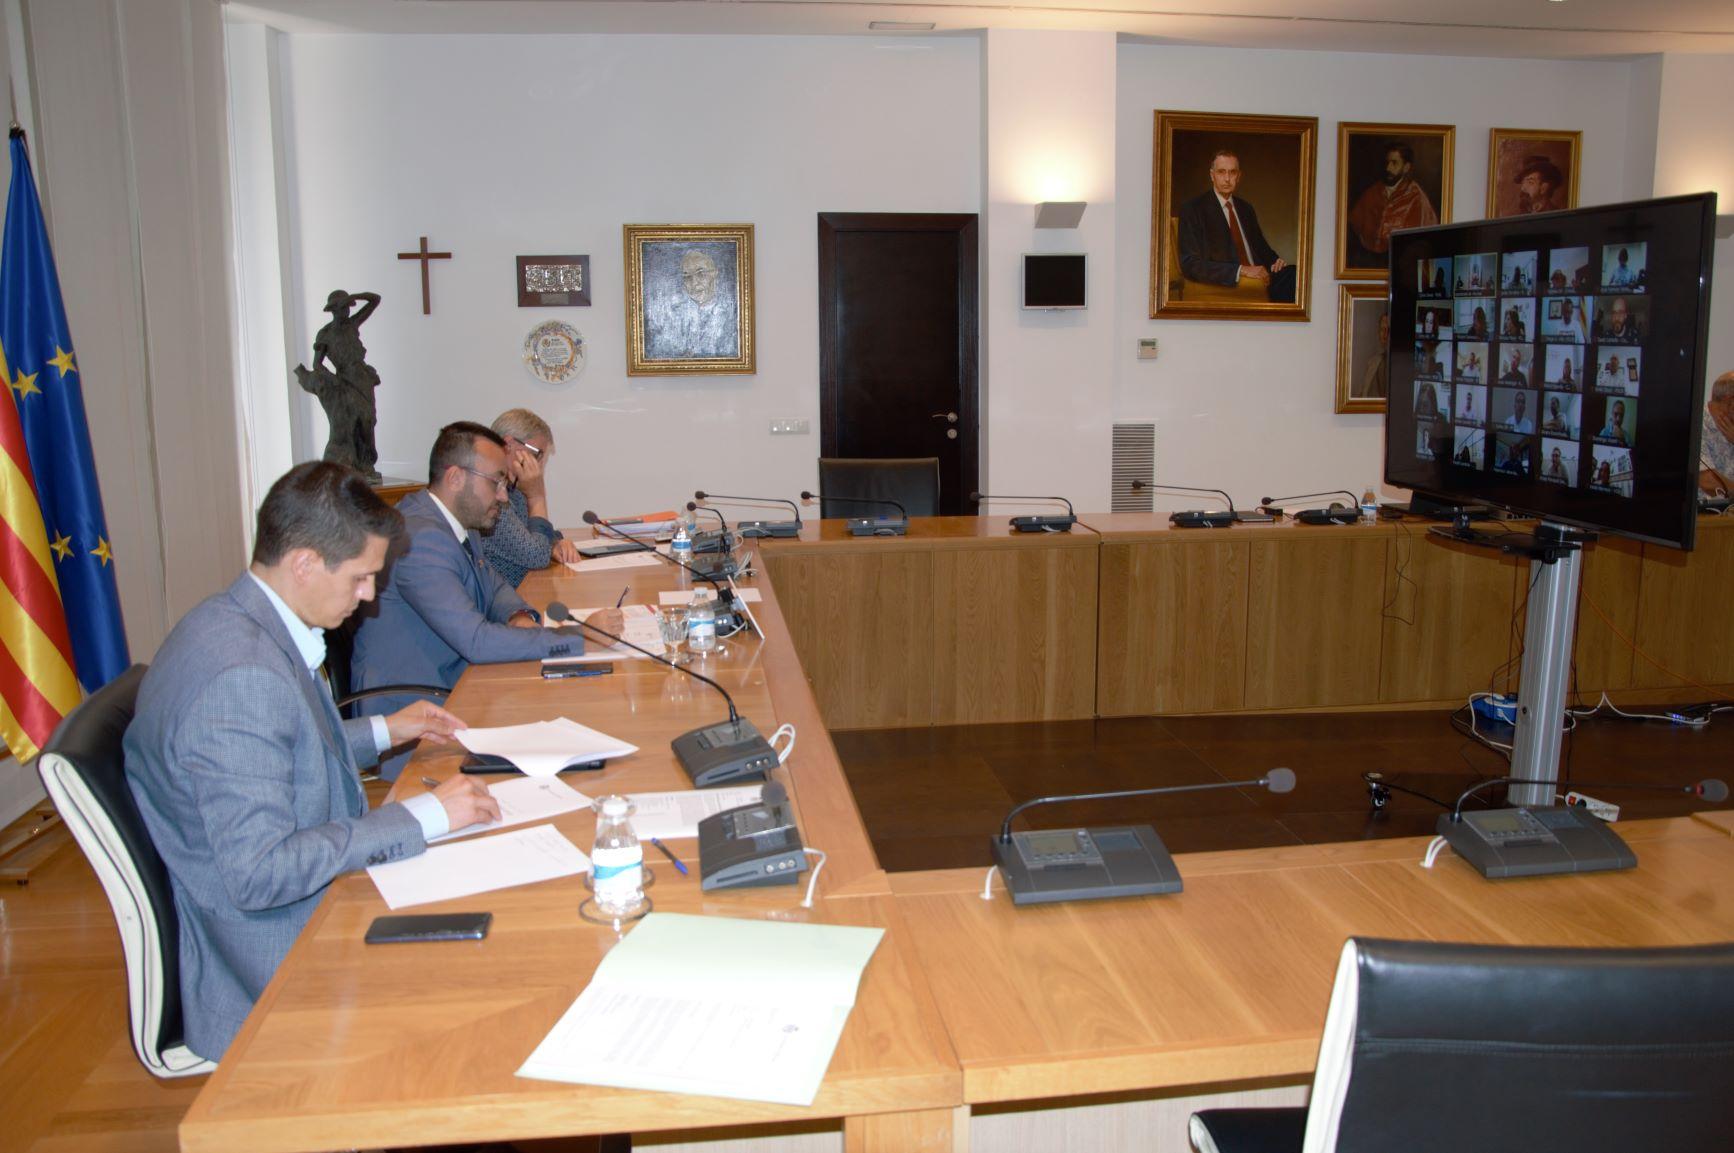 El Pleno aprueba por unanimidad destinar 500.000 euros para las acciones del Pacto local por el renacimiento de Vila-real